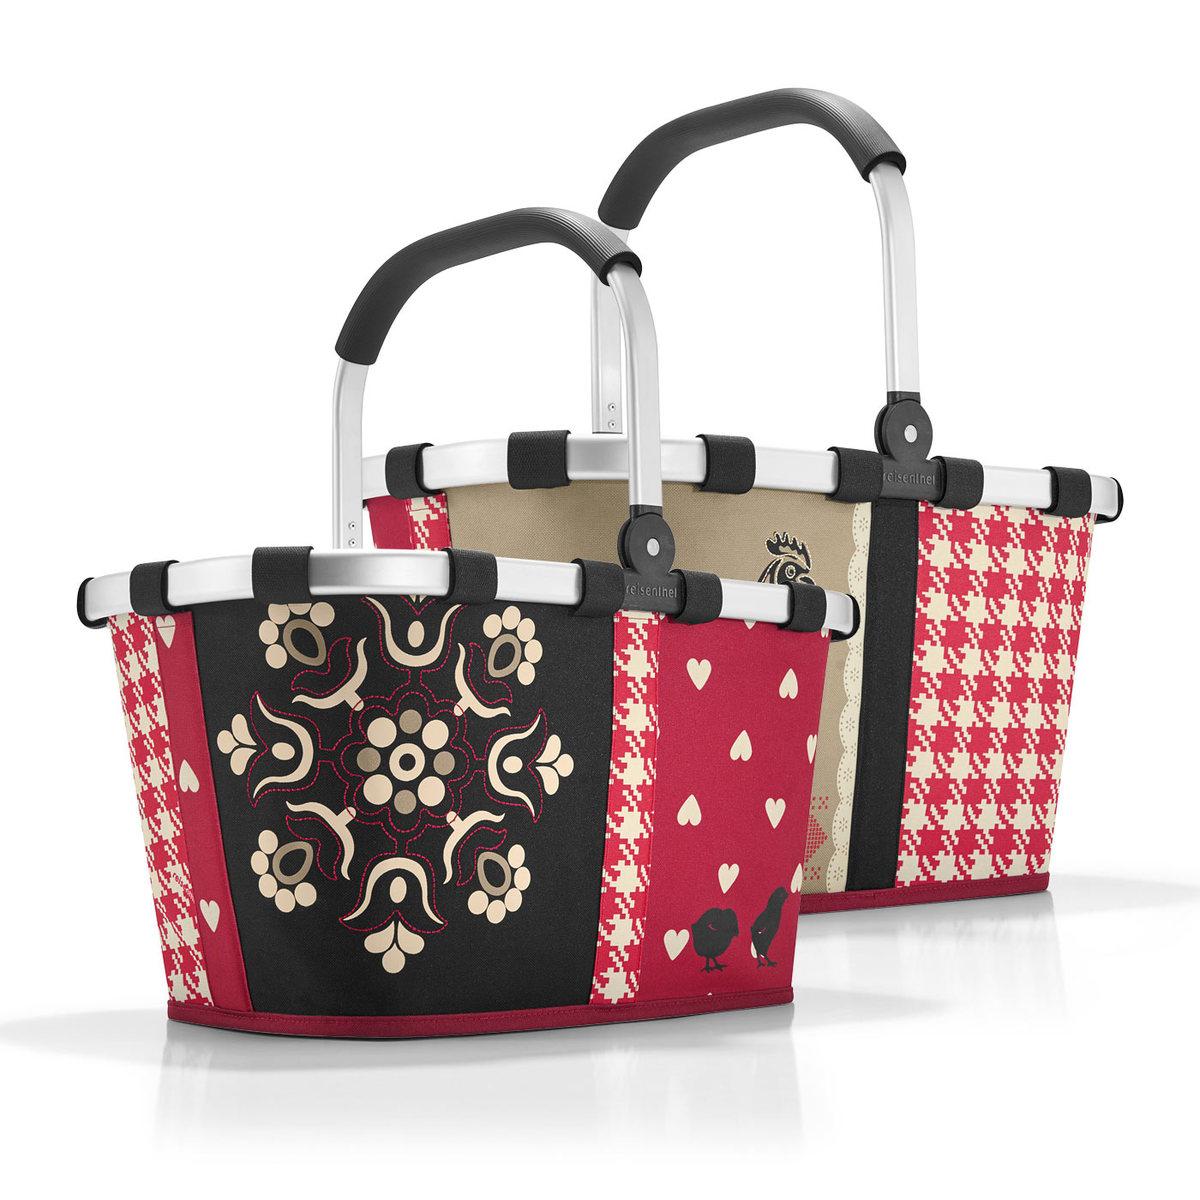 reisenthel bk 3049 basket 1705 3049 red multi bags. Black Bedroom Furniture Sets. Home Design Ideas